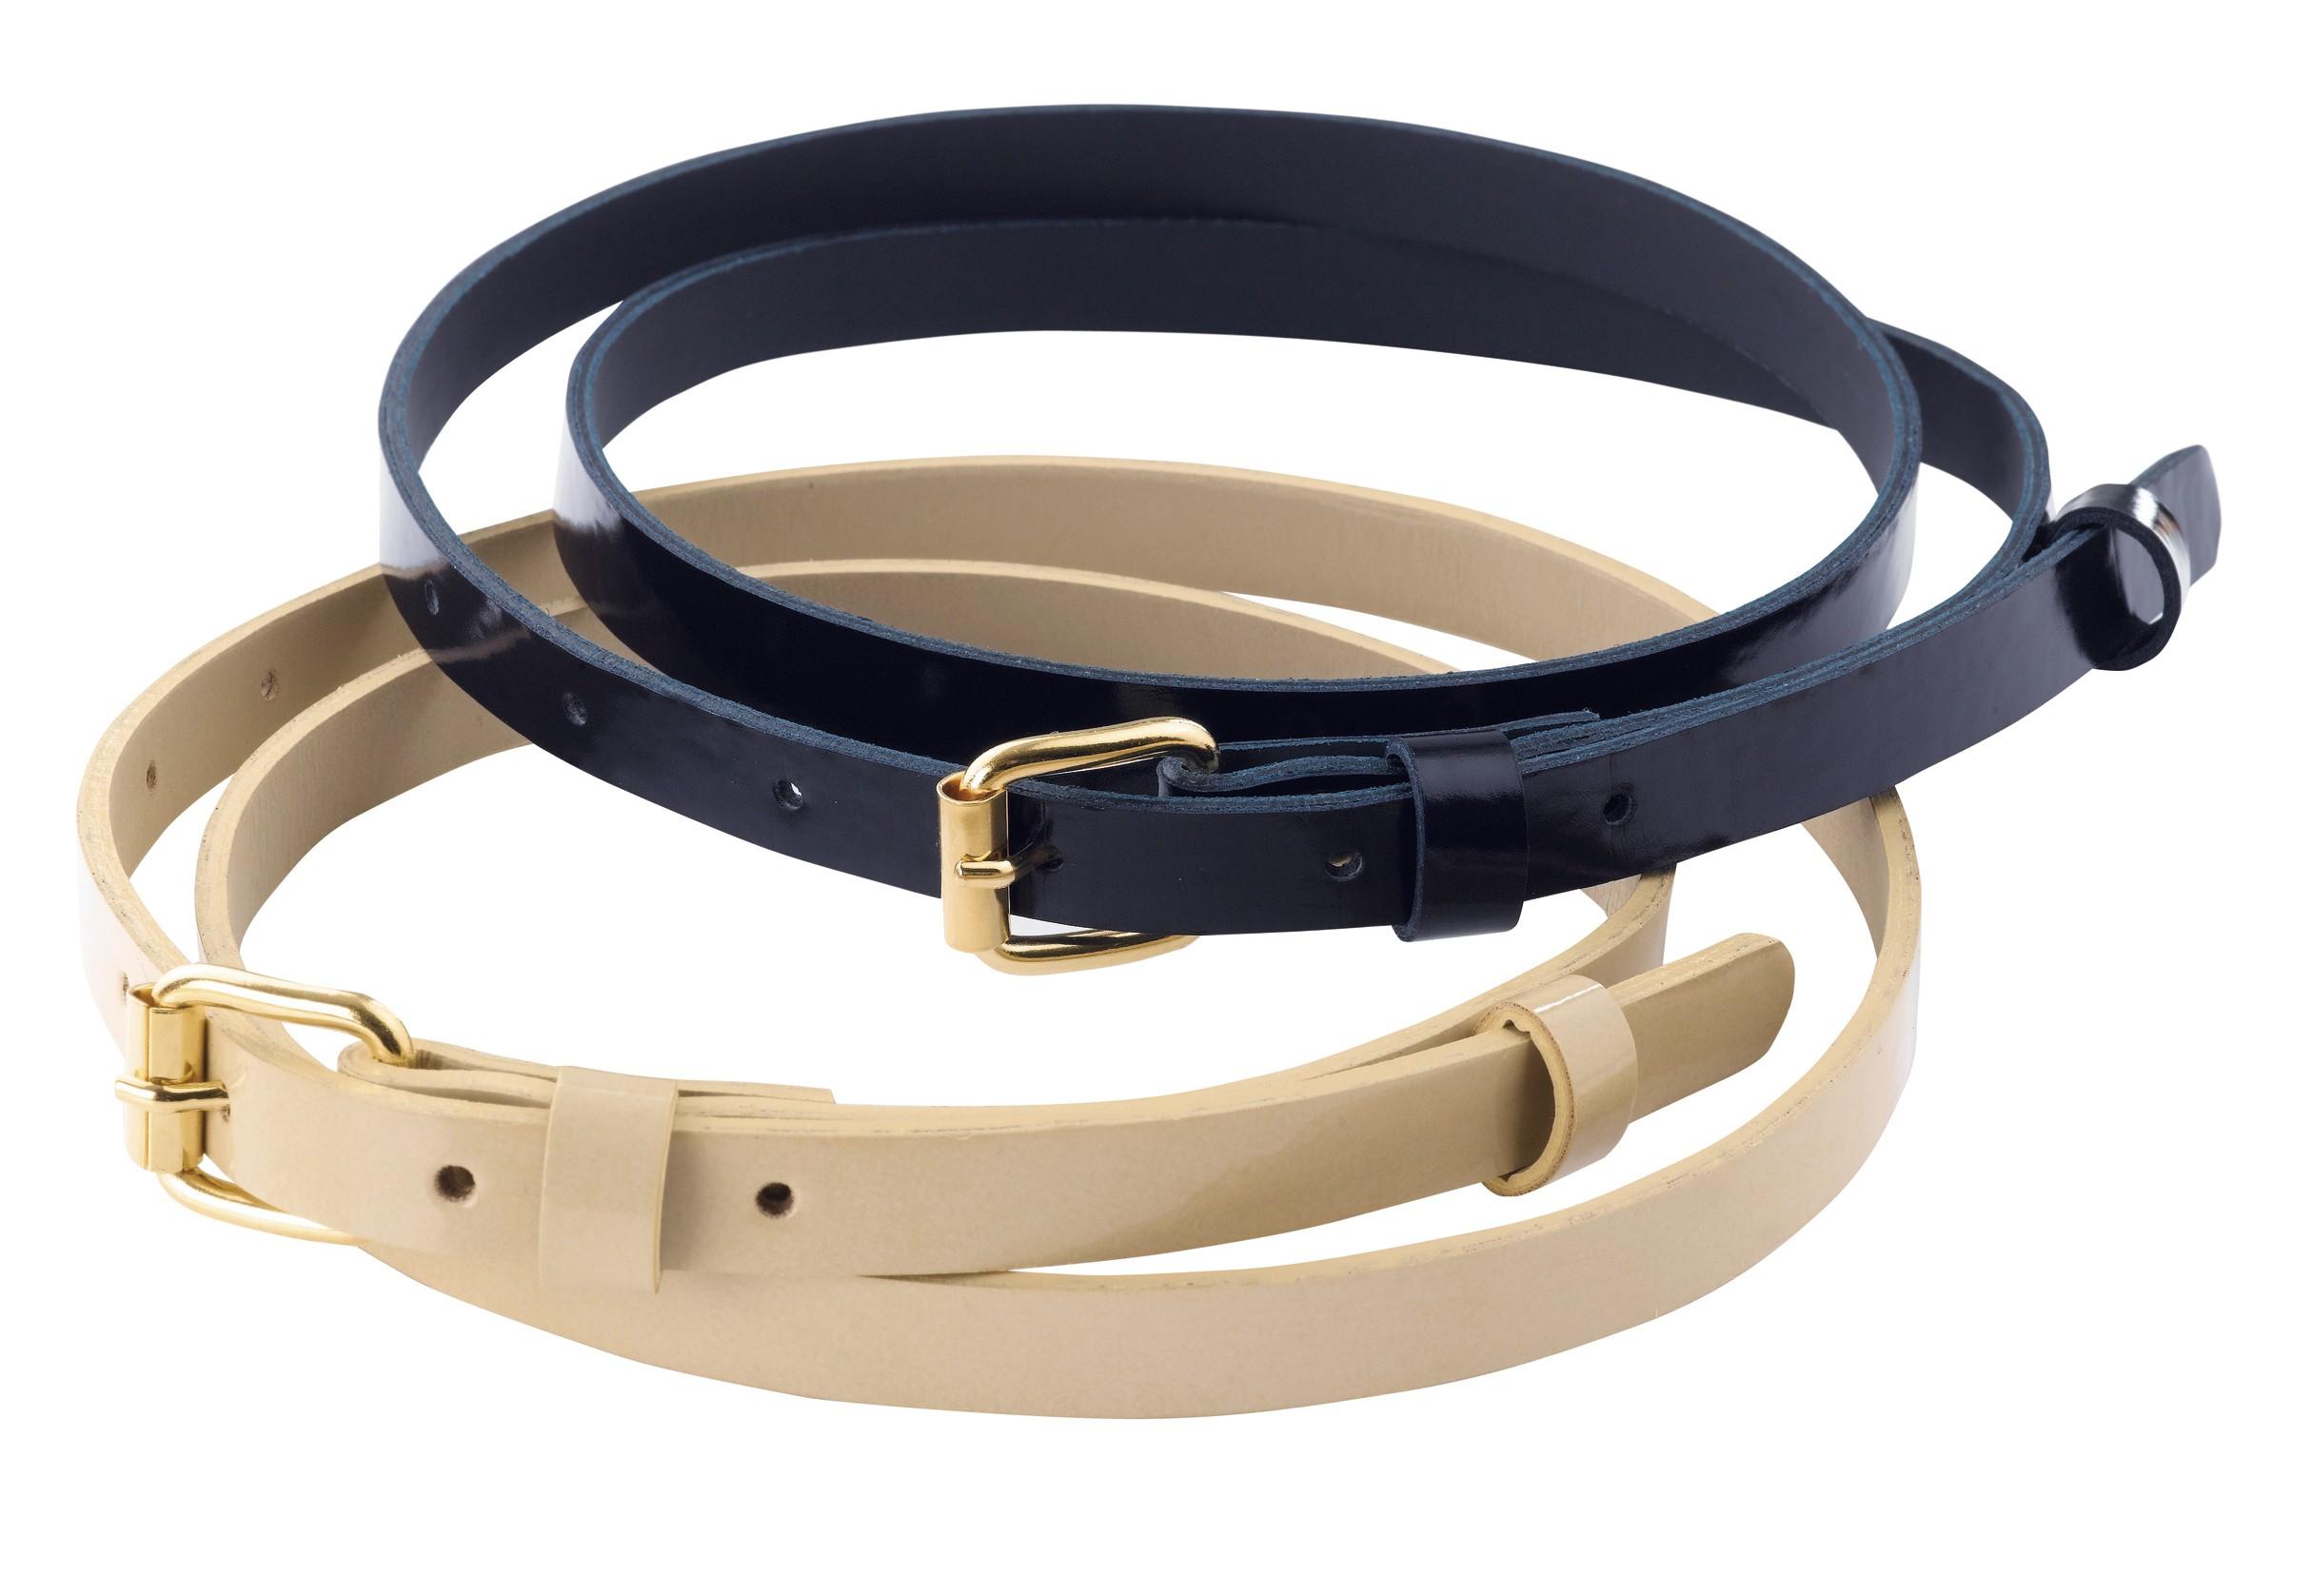 Ledis Belts